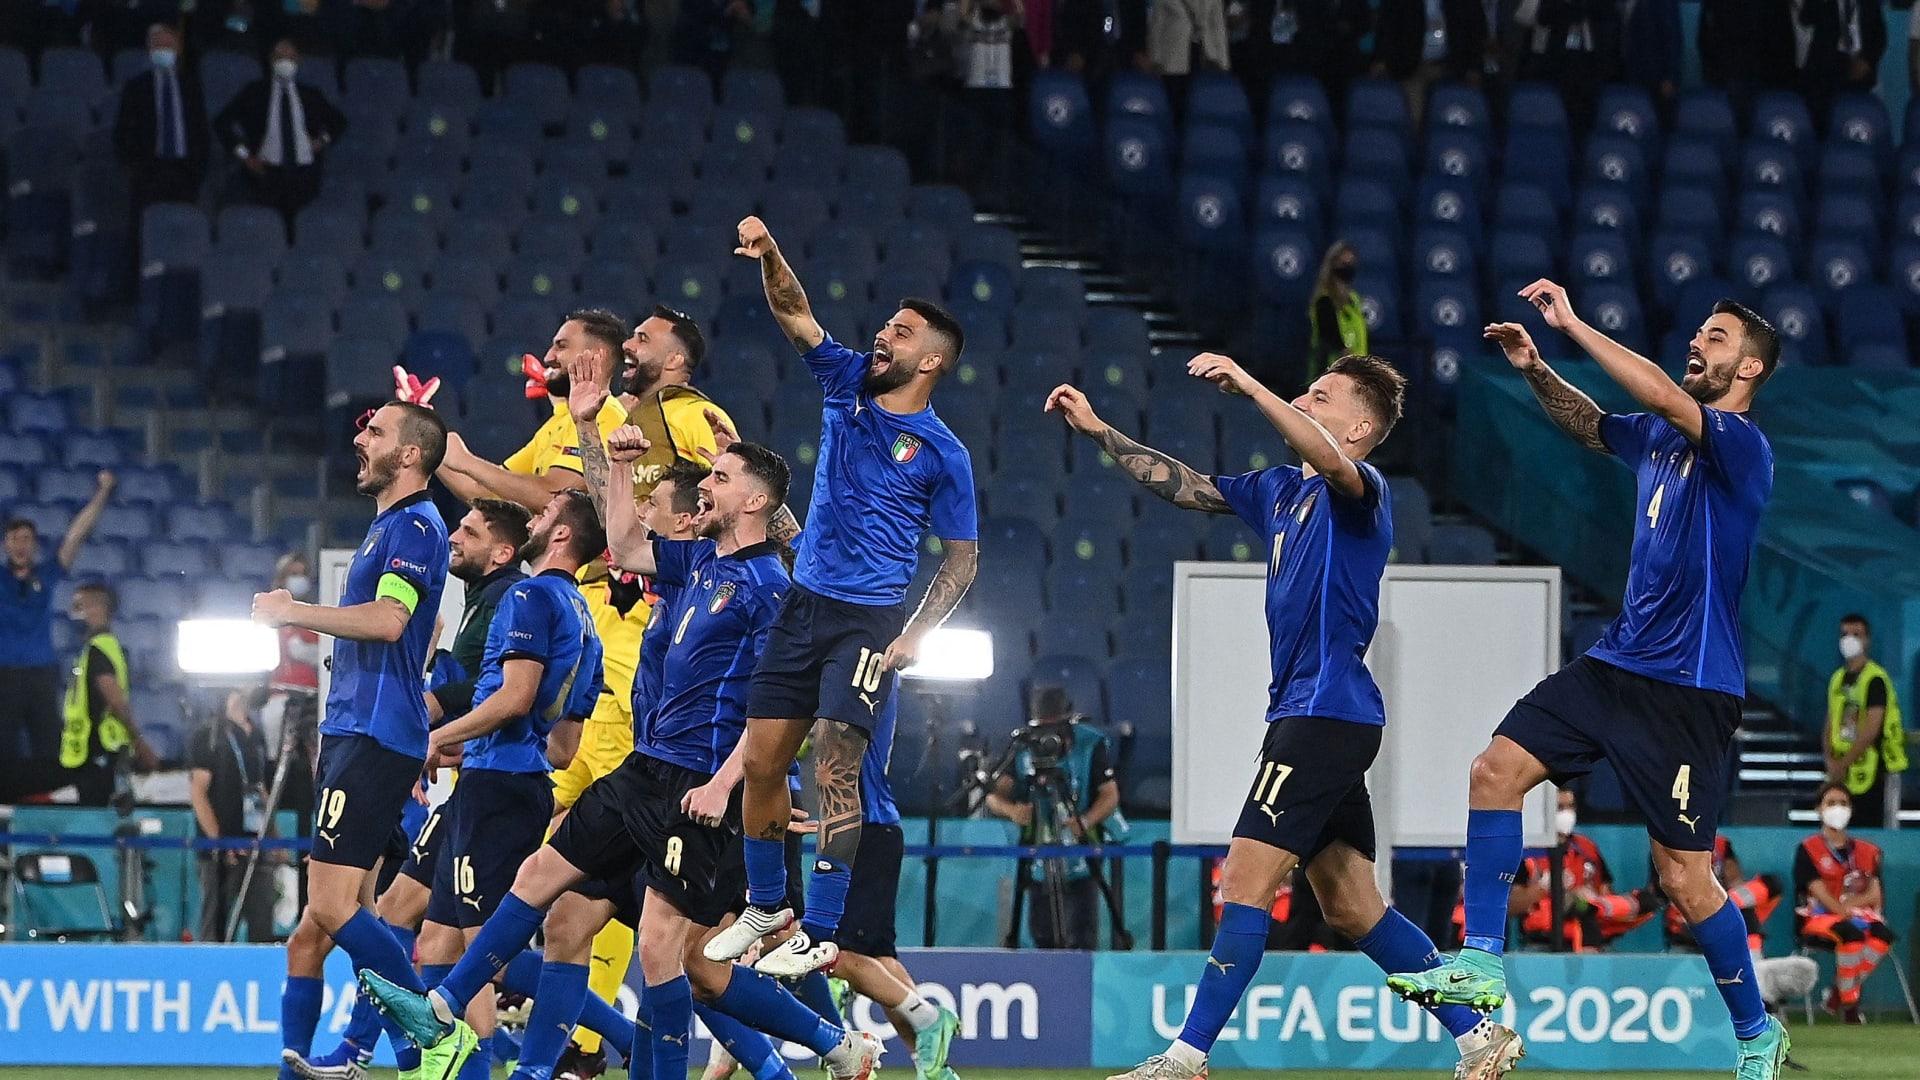 """إيطاليا تواجه مشكلة كبيرة رغم التأهل.. ولوكاتيلي ضد """"كوكا كولا"""" أيضا"""